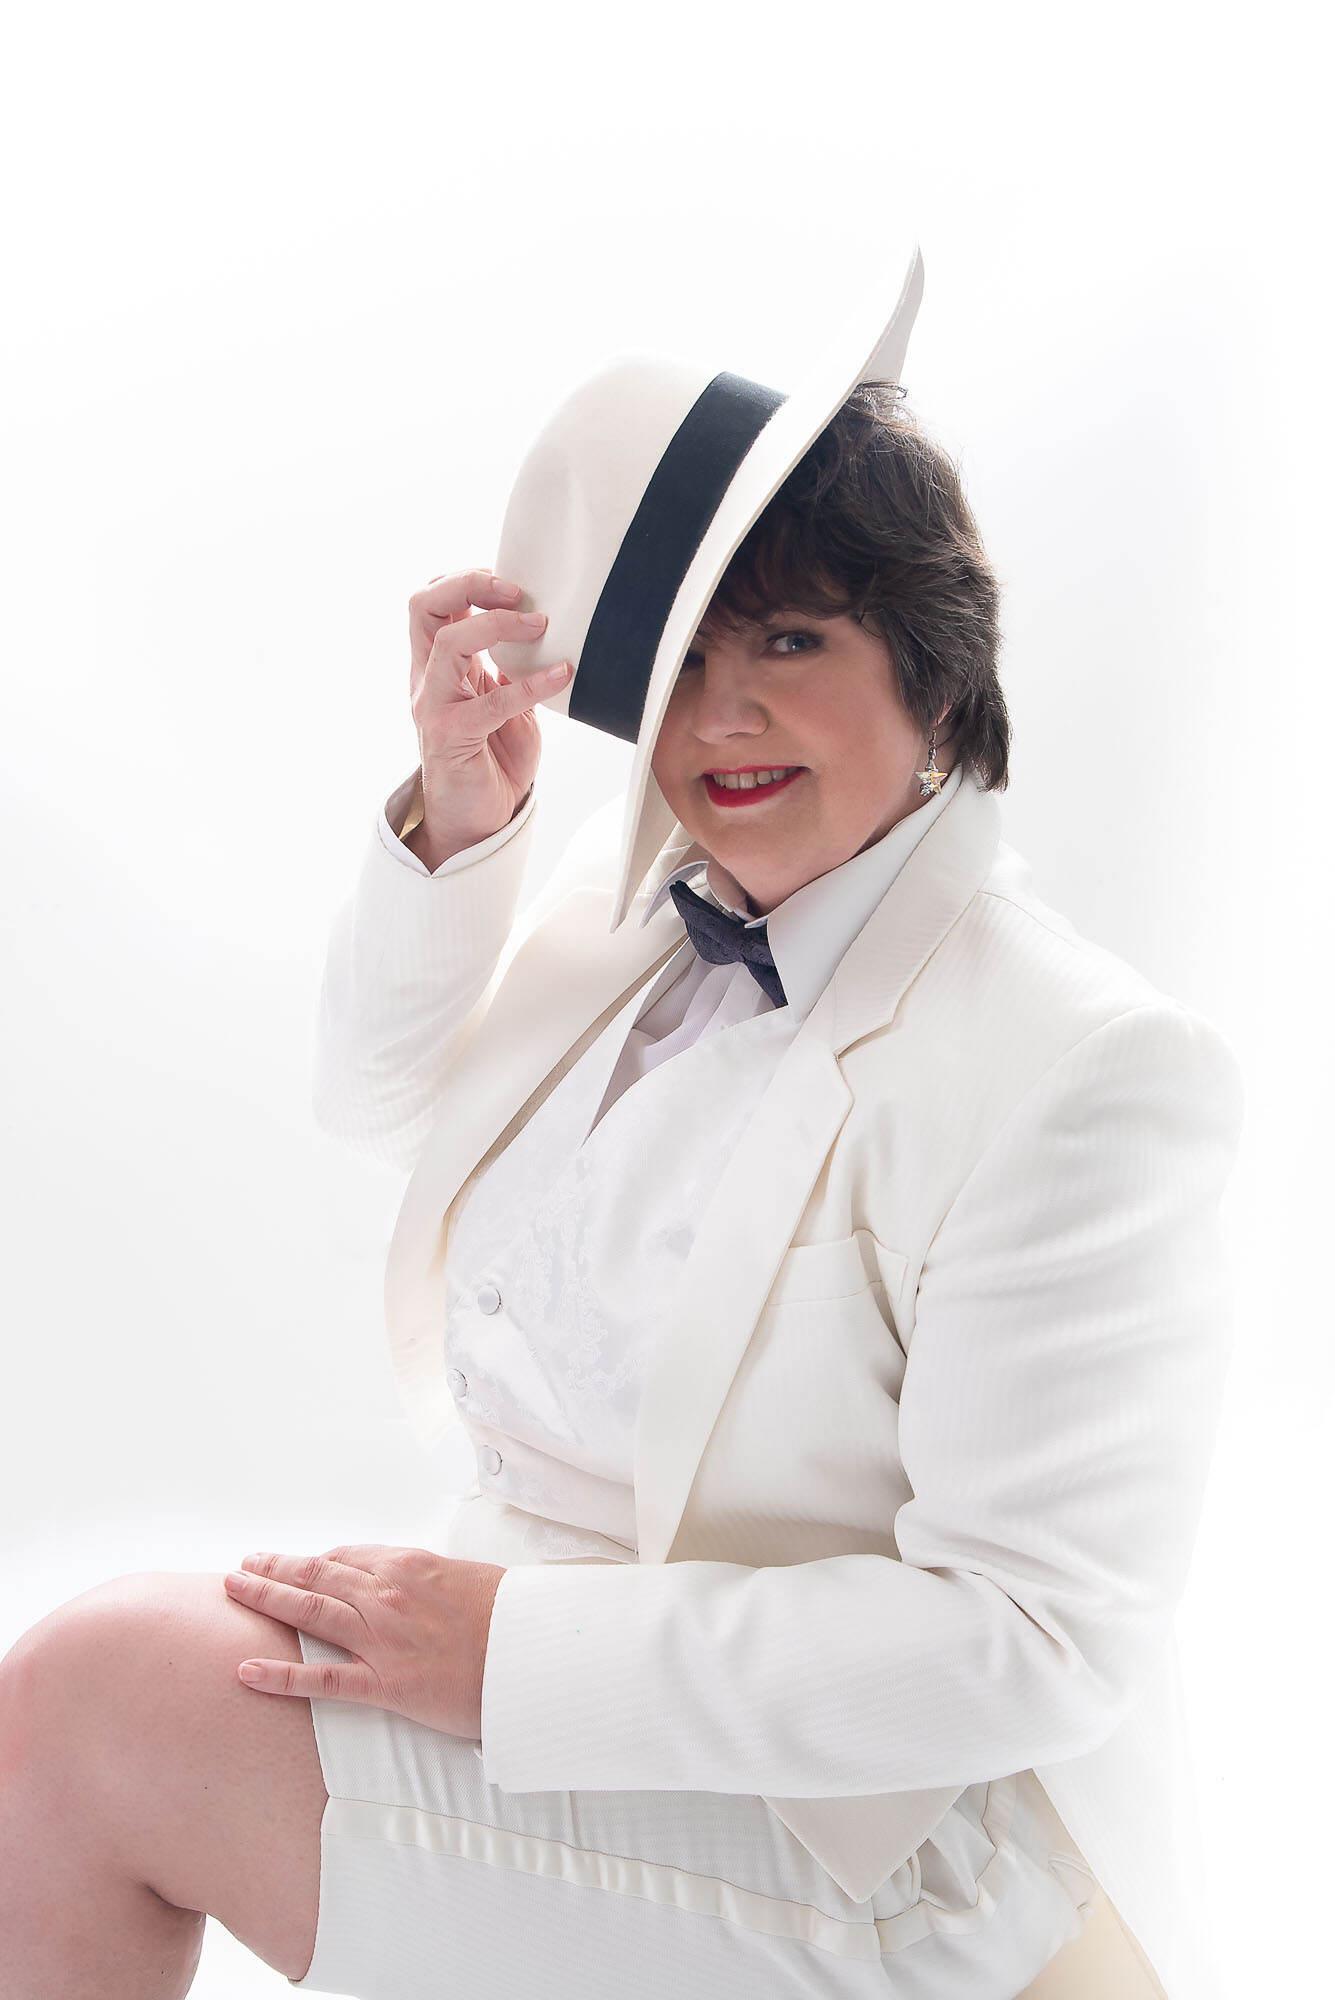 Fabulous40Plus Portrait Special featuring Linda Clement